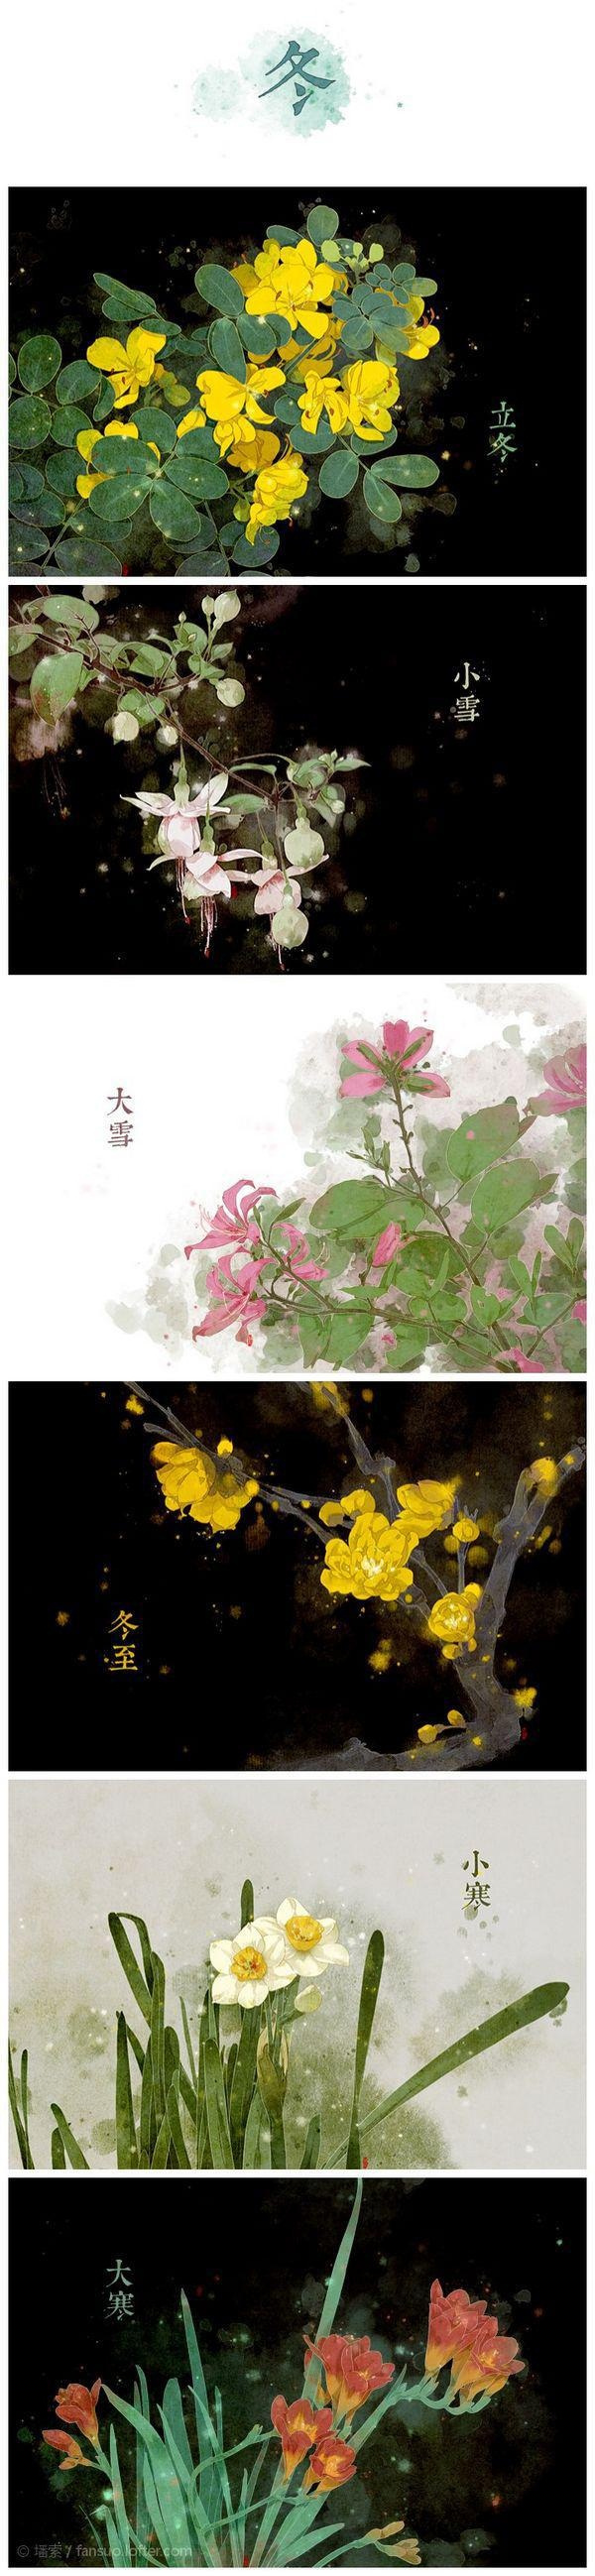 节气之美:二十四节气花卉图